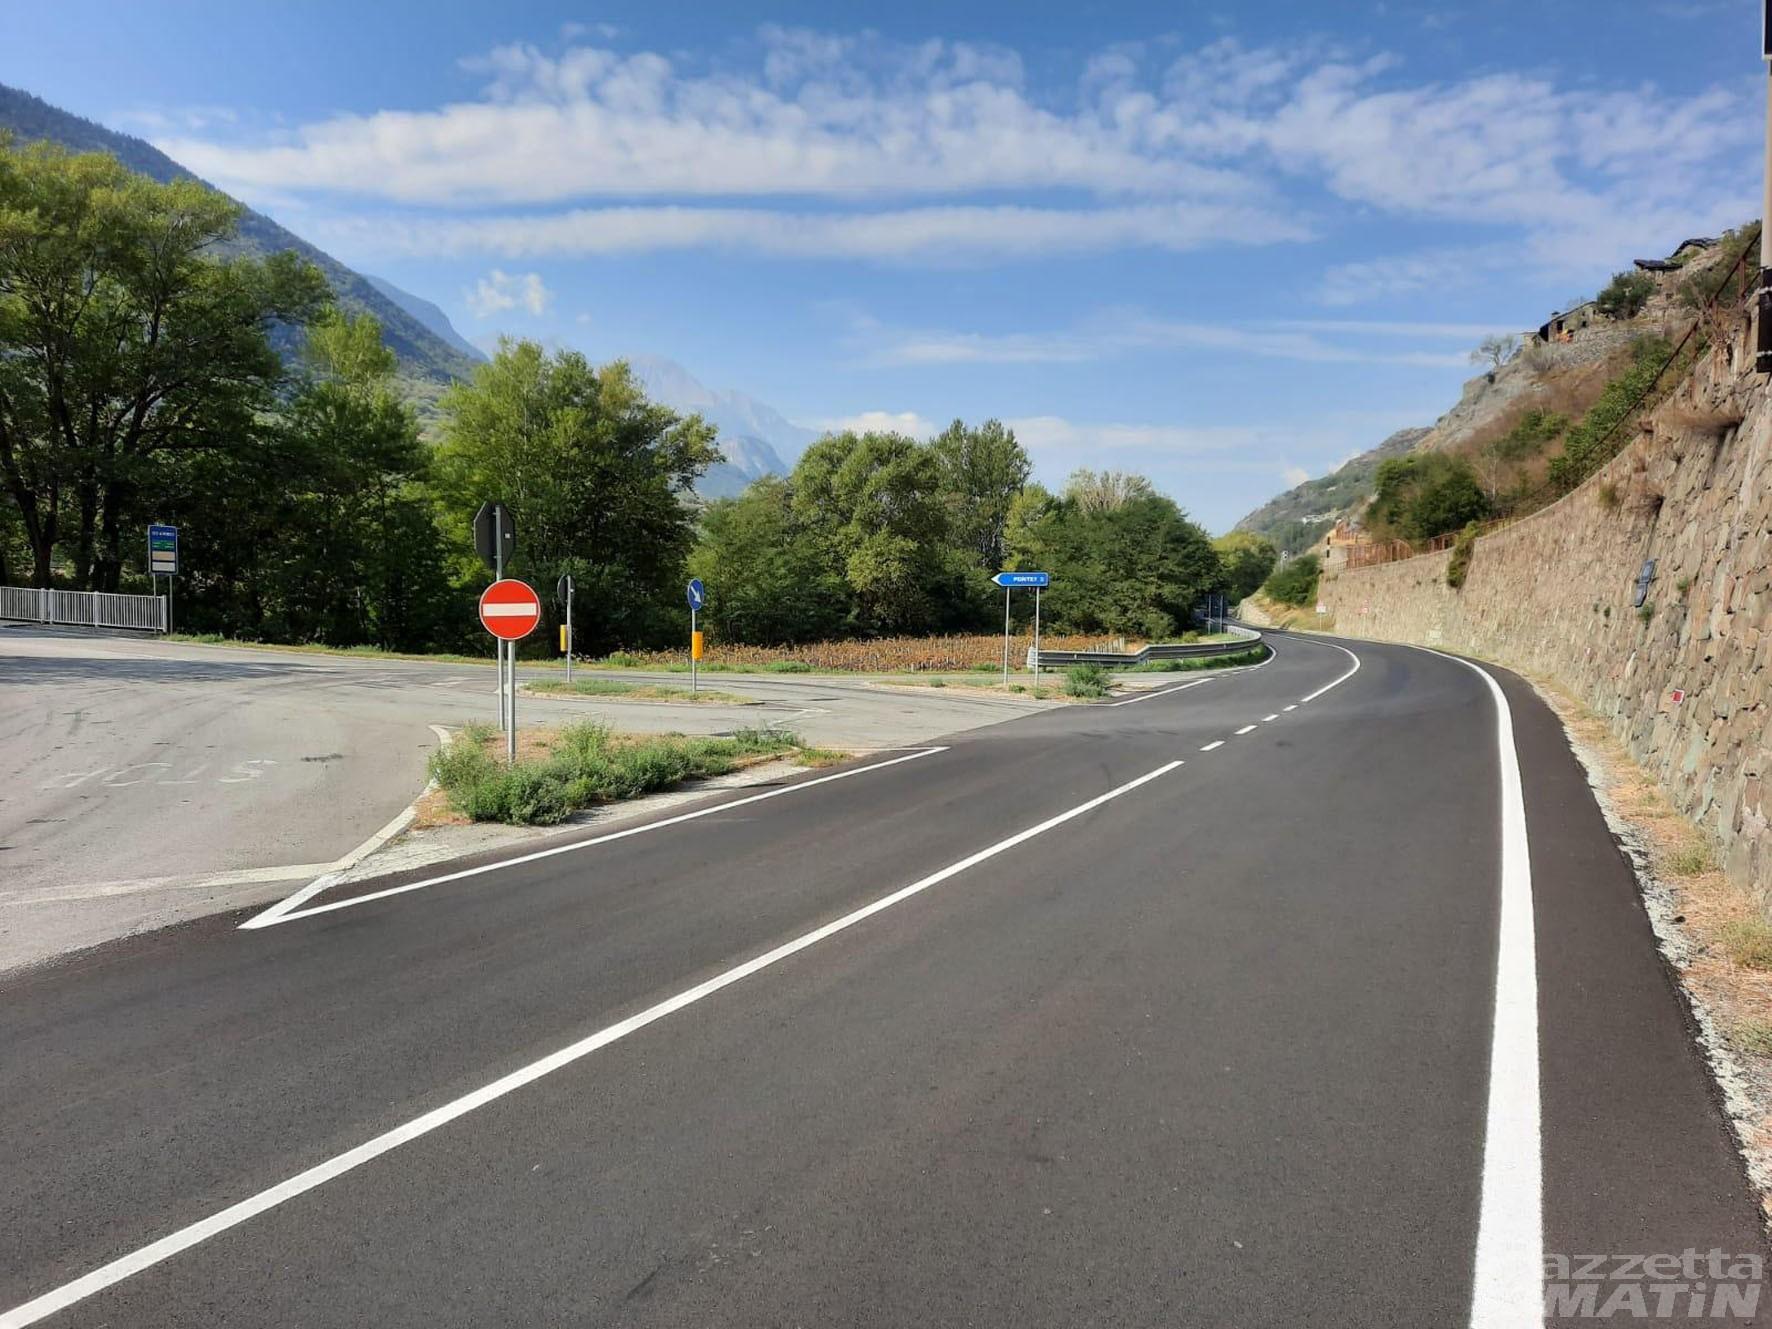 Viabilità: si farà sulla Statale 26 la rotonda di accesso a Pontey